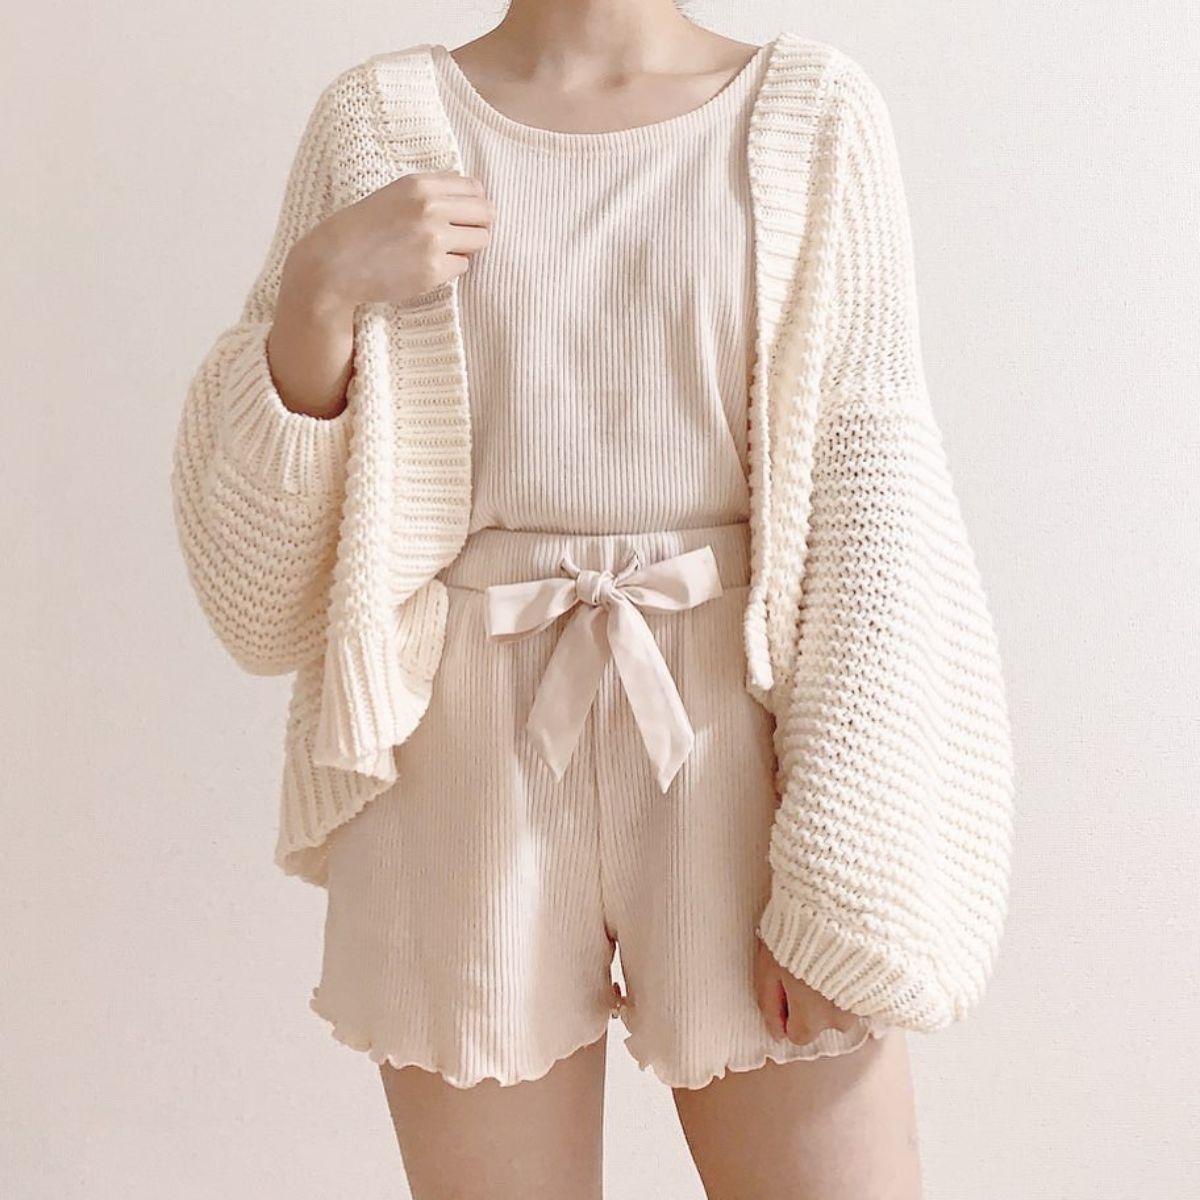 GUの「新作パジャマ」が史上最高のかわいさ!女の子らしいデザインに一目惚れする方が続出中です…♡